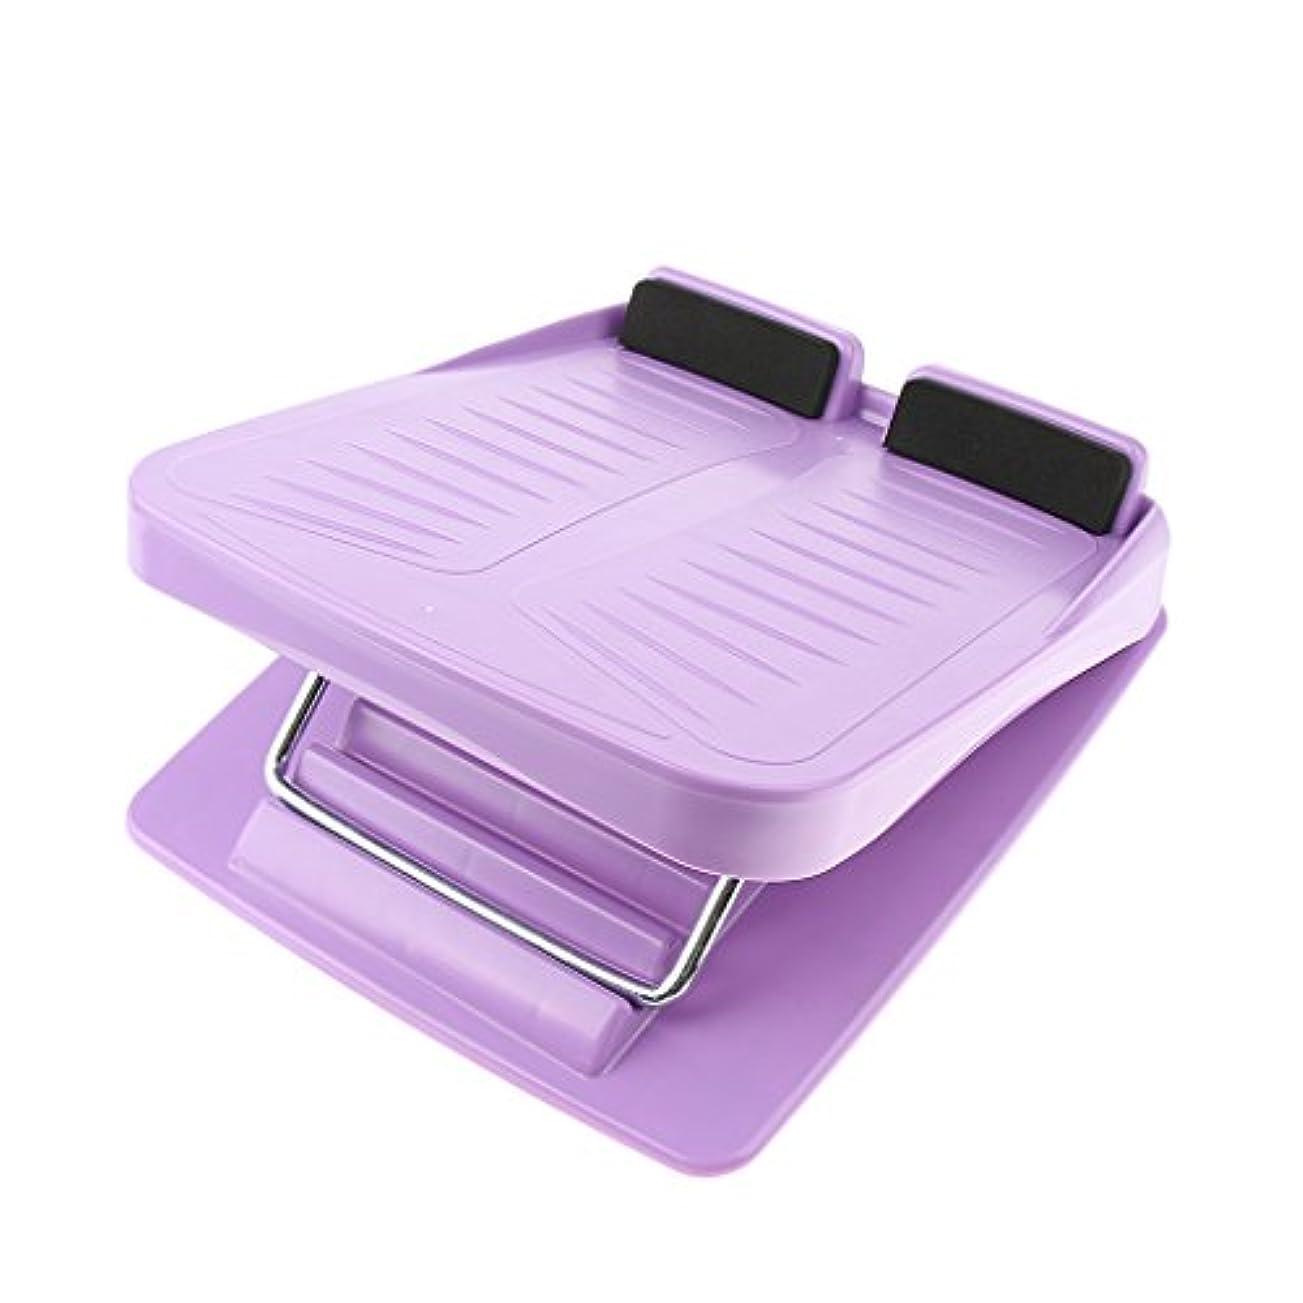 生じる調整する公平P Prettyia ストレッチボード ストレッチ台 調整可能 アンチスリップ カーフストレッチ 斜面ボード 全3色 - 紫の